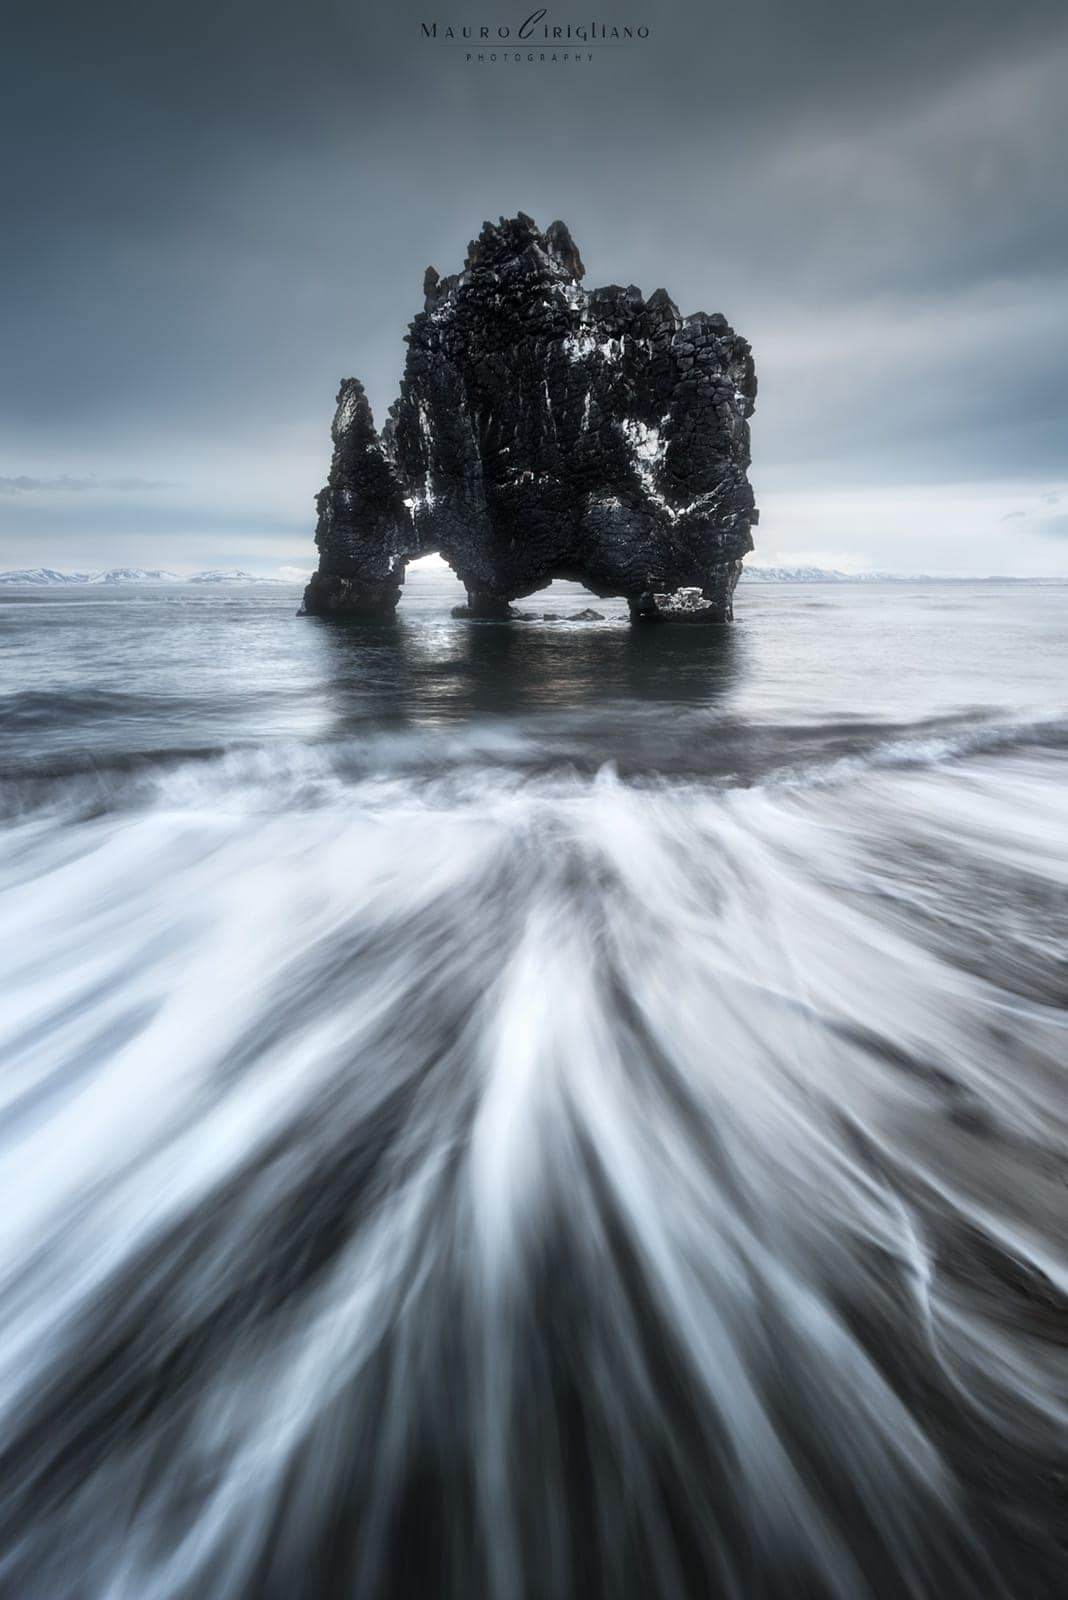 Roccia nera nel mare con cielo nuvoloso